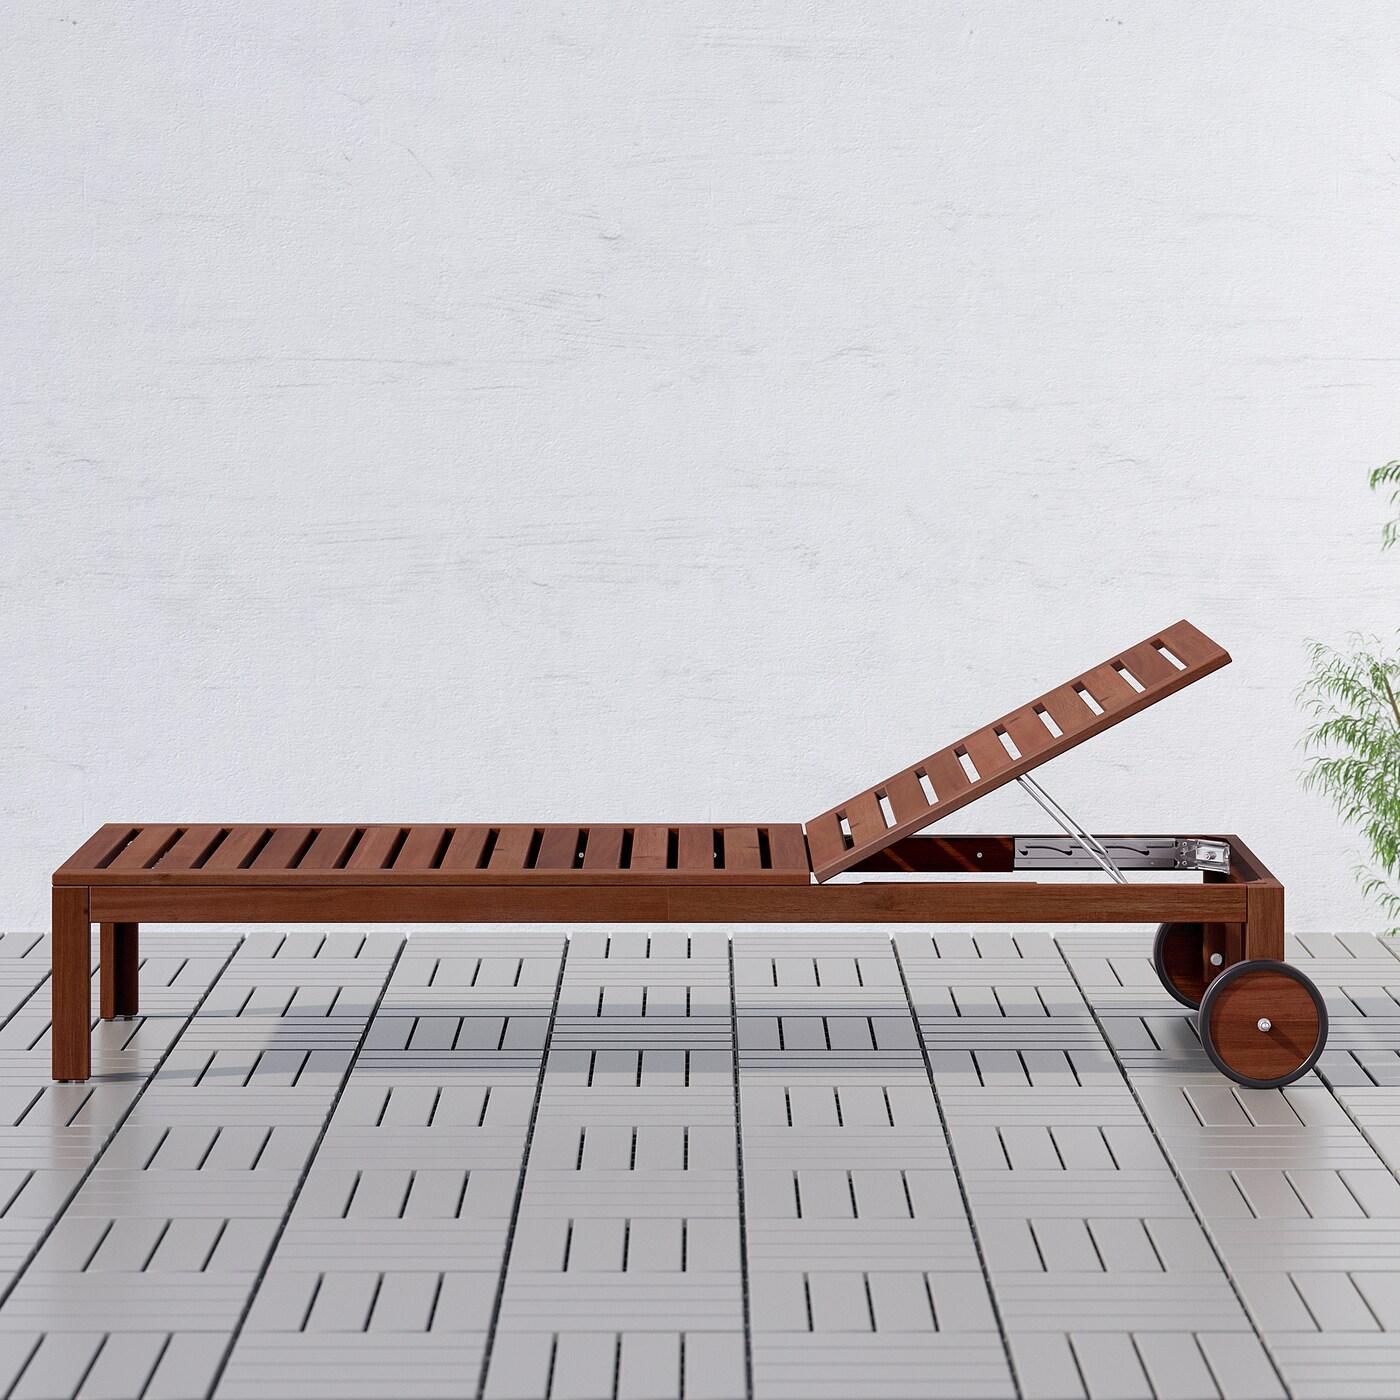 Full Size of Liegestuhl Klappbar Ikea Holz Küche Kosten Garten Sofa Mit Schlaffunktion Modulküche Kaufen Ausklappbares Bett Betten 160x200 Miniküche Ausklappbar Bei Wohnzimmer Liegestuhl Klappbar Ikea